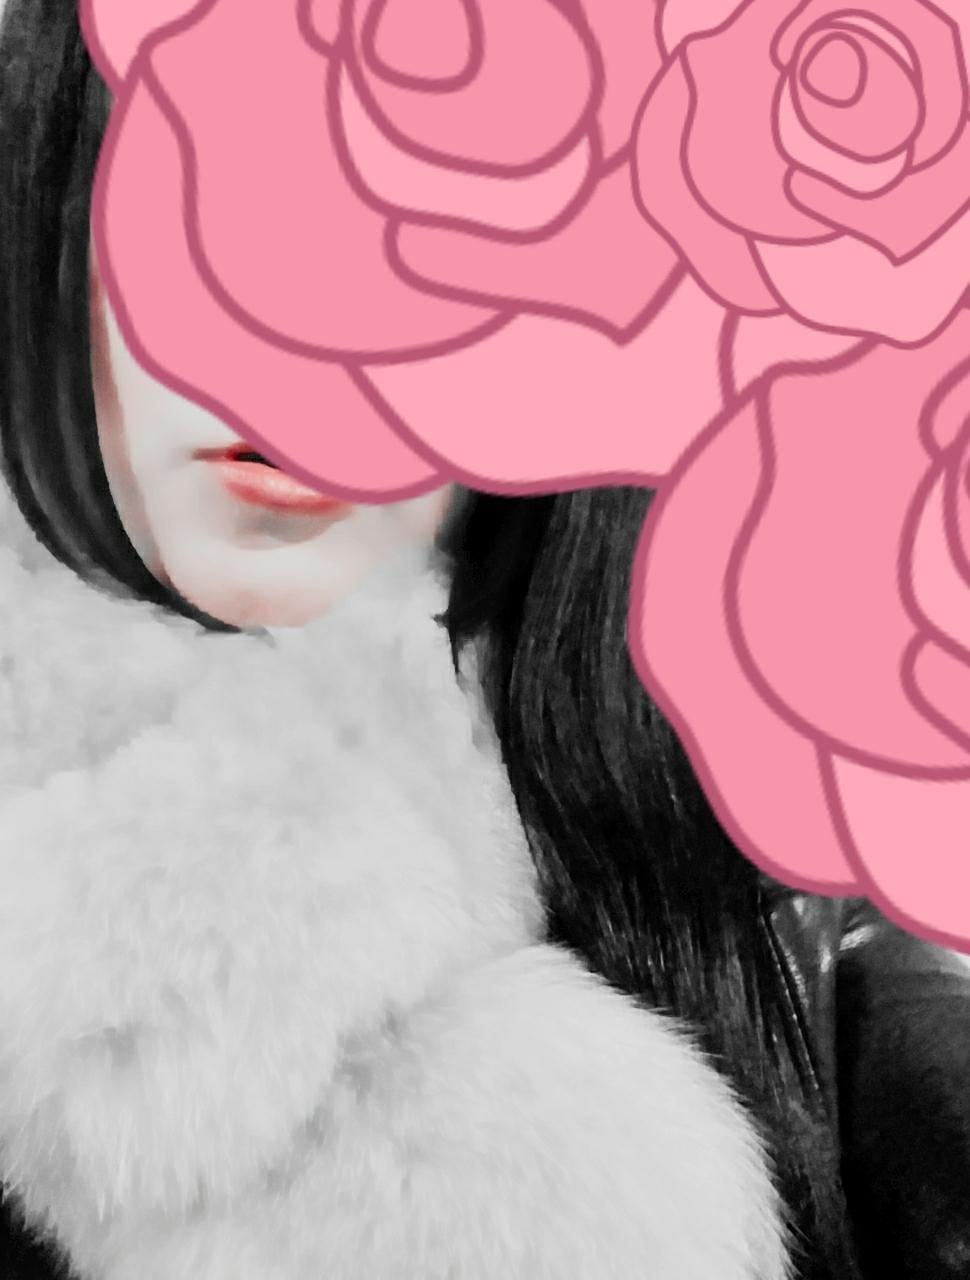 「ありがとう♡009」11/18(日) 01:13 | かえで◇黒髪美人に身を委ねて◇の写メ・風俗動画